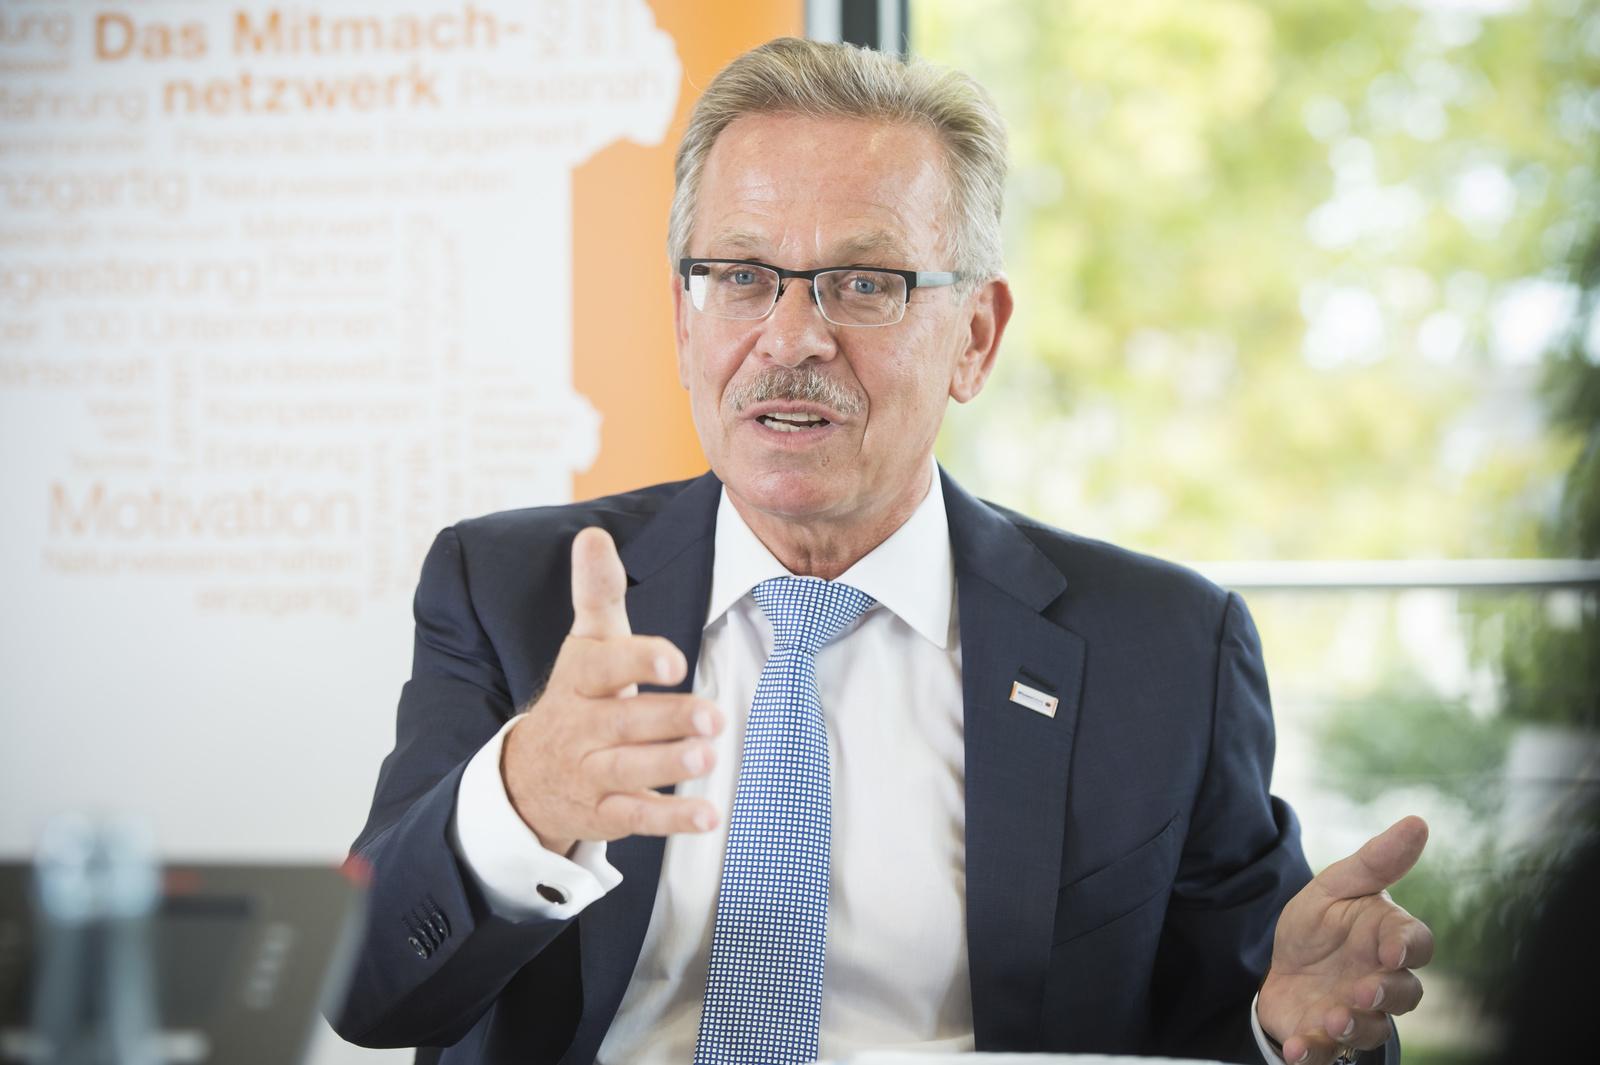 Franz Fehrenbach im Interview (Wissensfabrik)